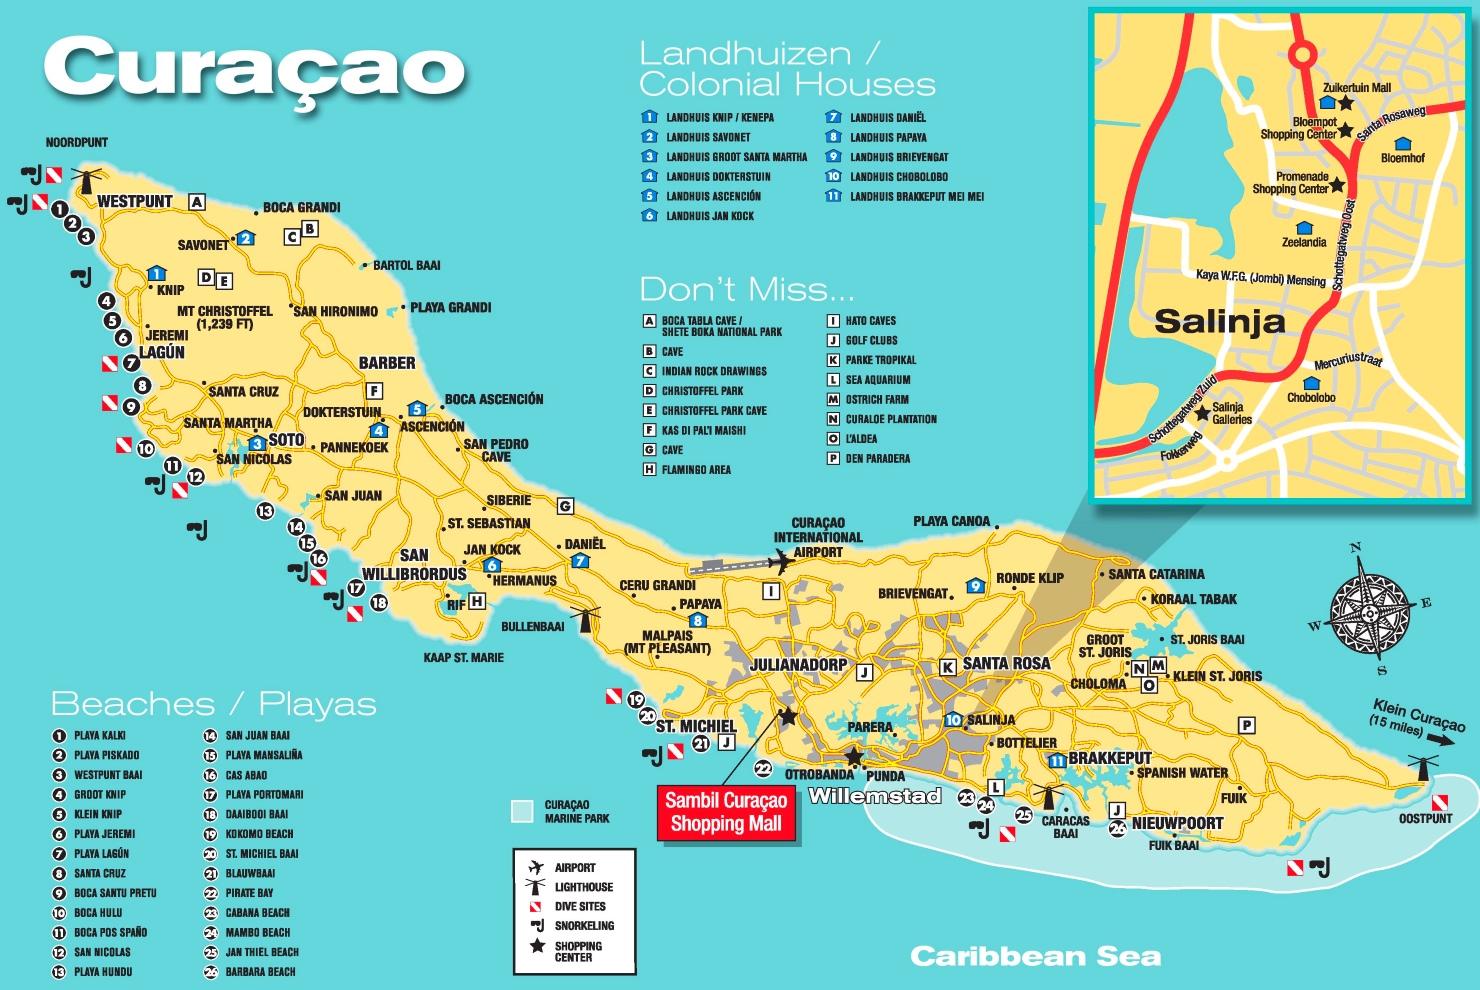 Curaà Ao Tourist Map ï Curacao Maphtml